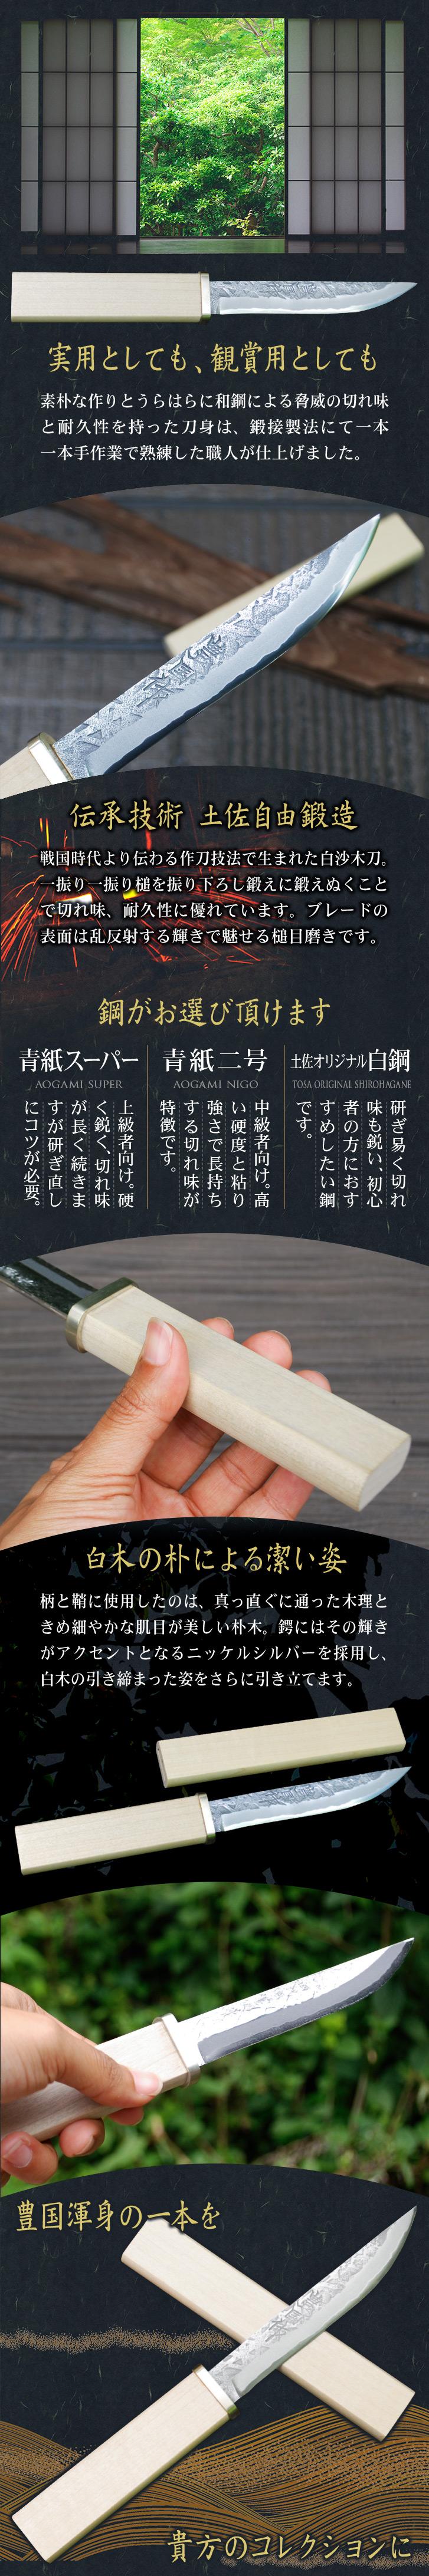 四代目豊国作 白沙木小刀(しらさぎしょうとう)参寸九分(白 青 青SU)